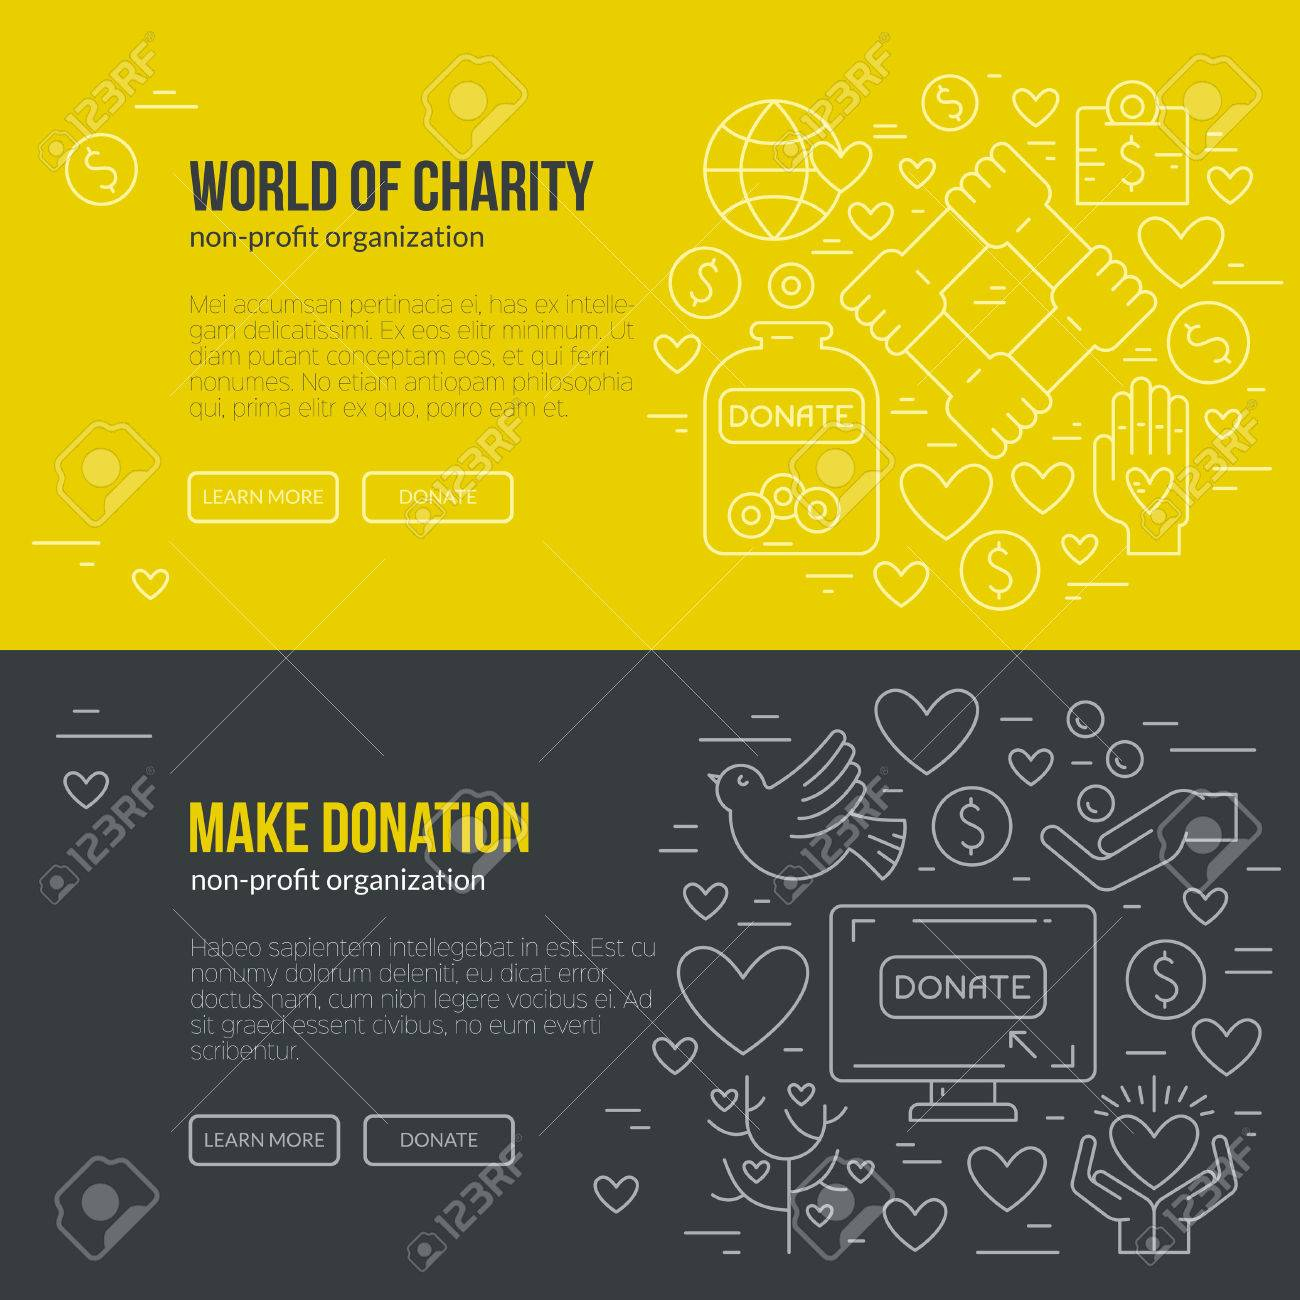 Fein Charity Vorschlag Vorlage Galerie - Beispiel Wiederaufnahme ...